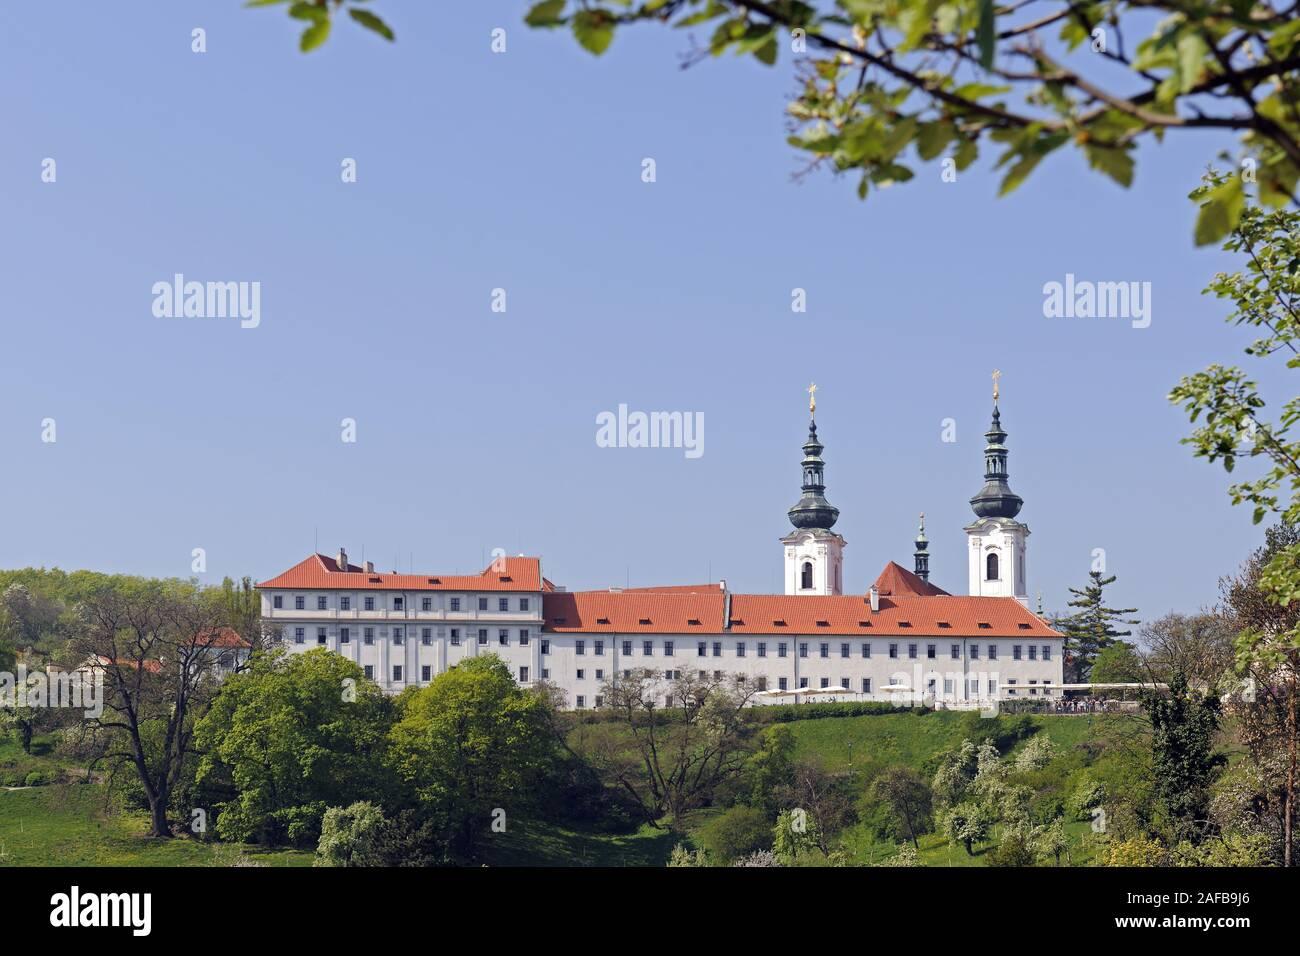 Strahov Kloster, Prag, Boehmen,  Tschechien, Europa Stock Photo